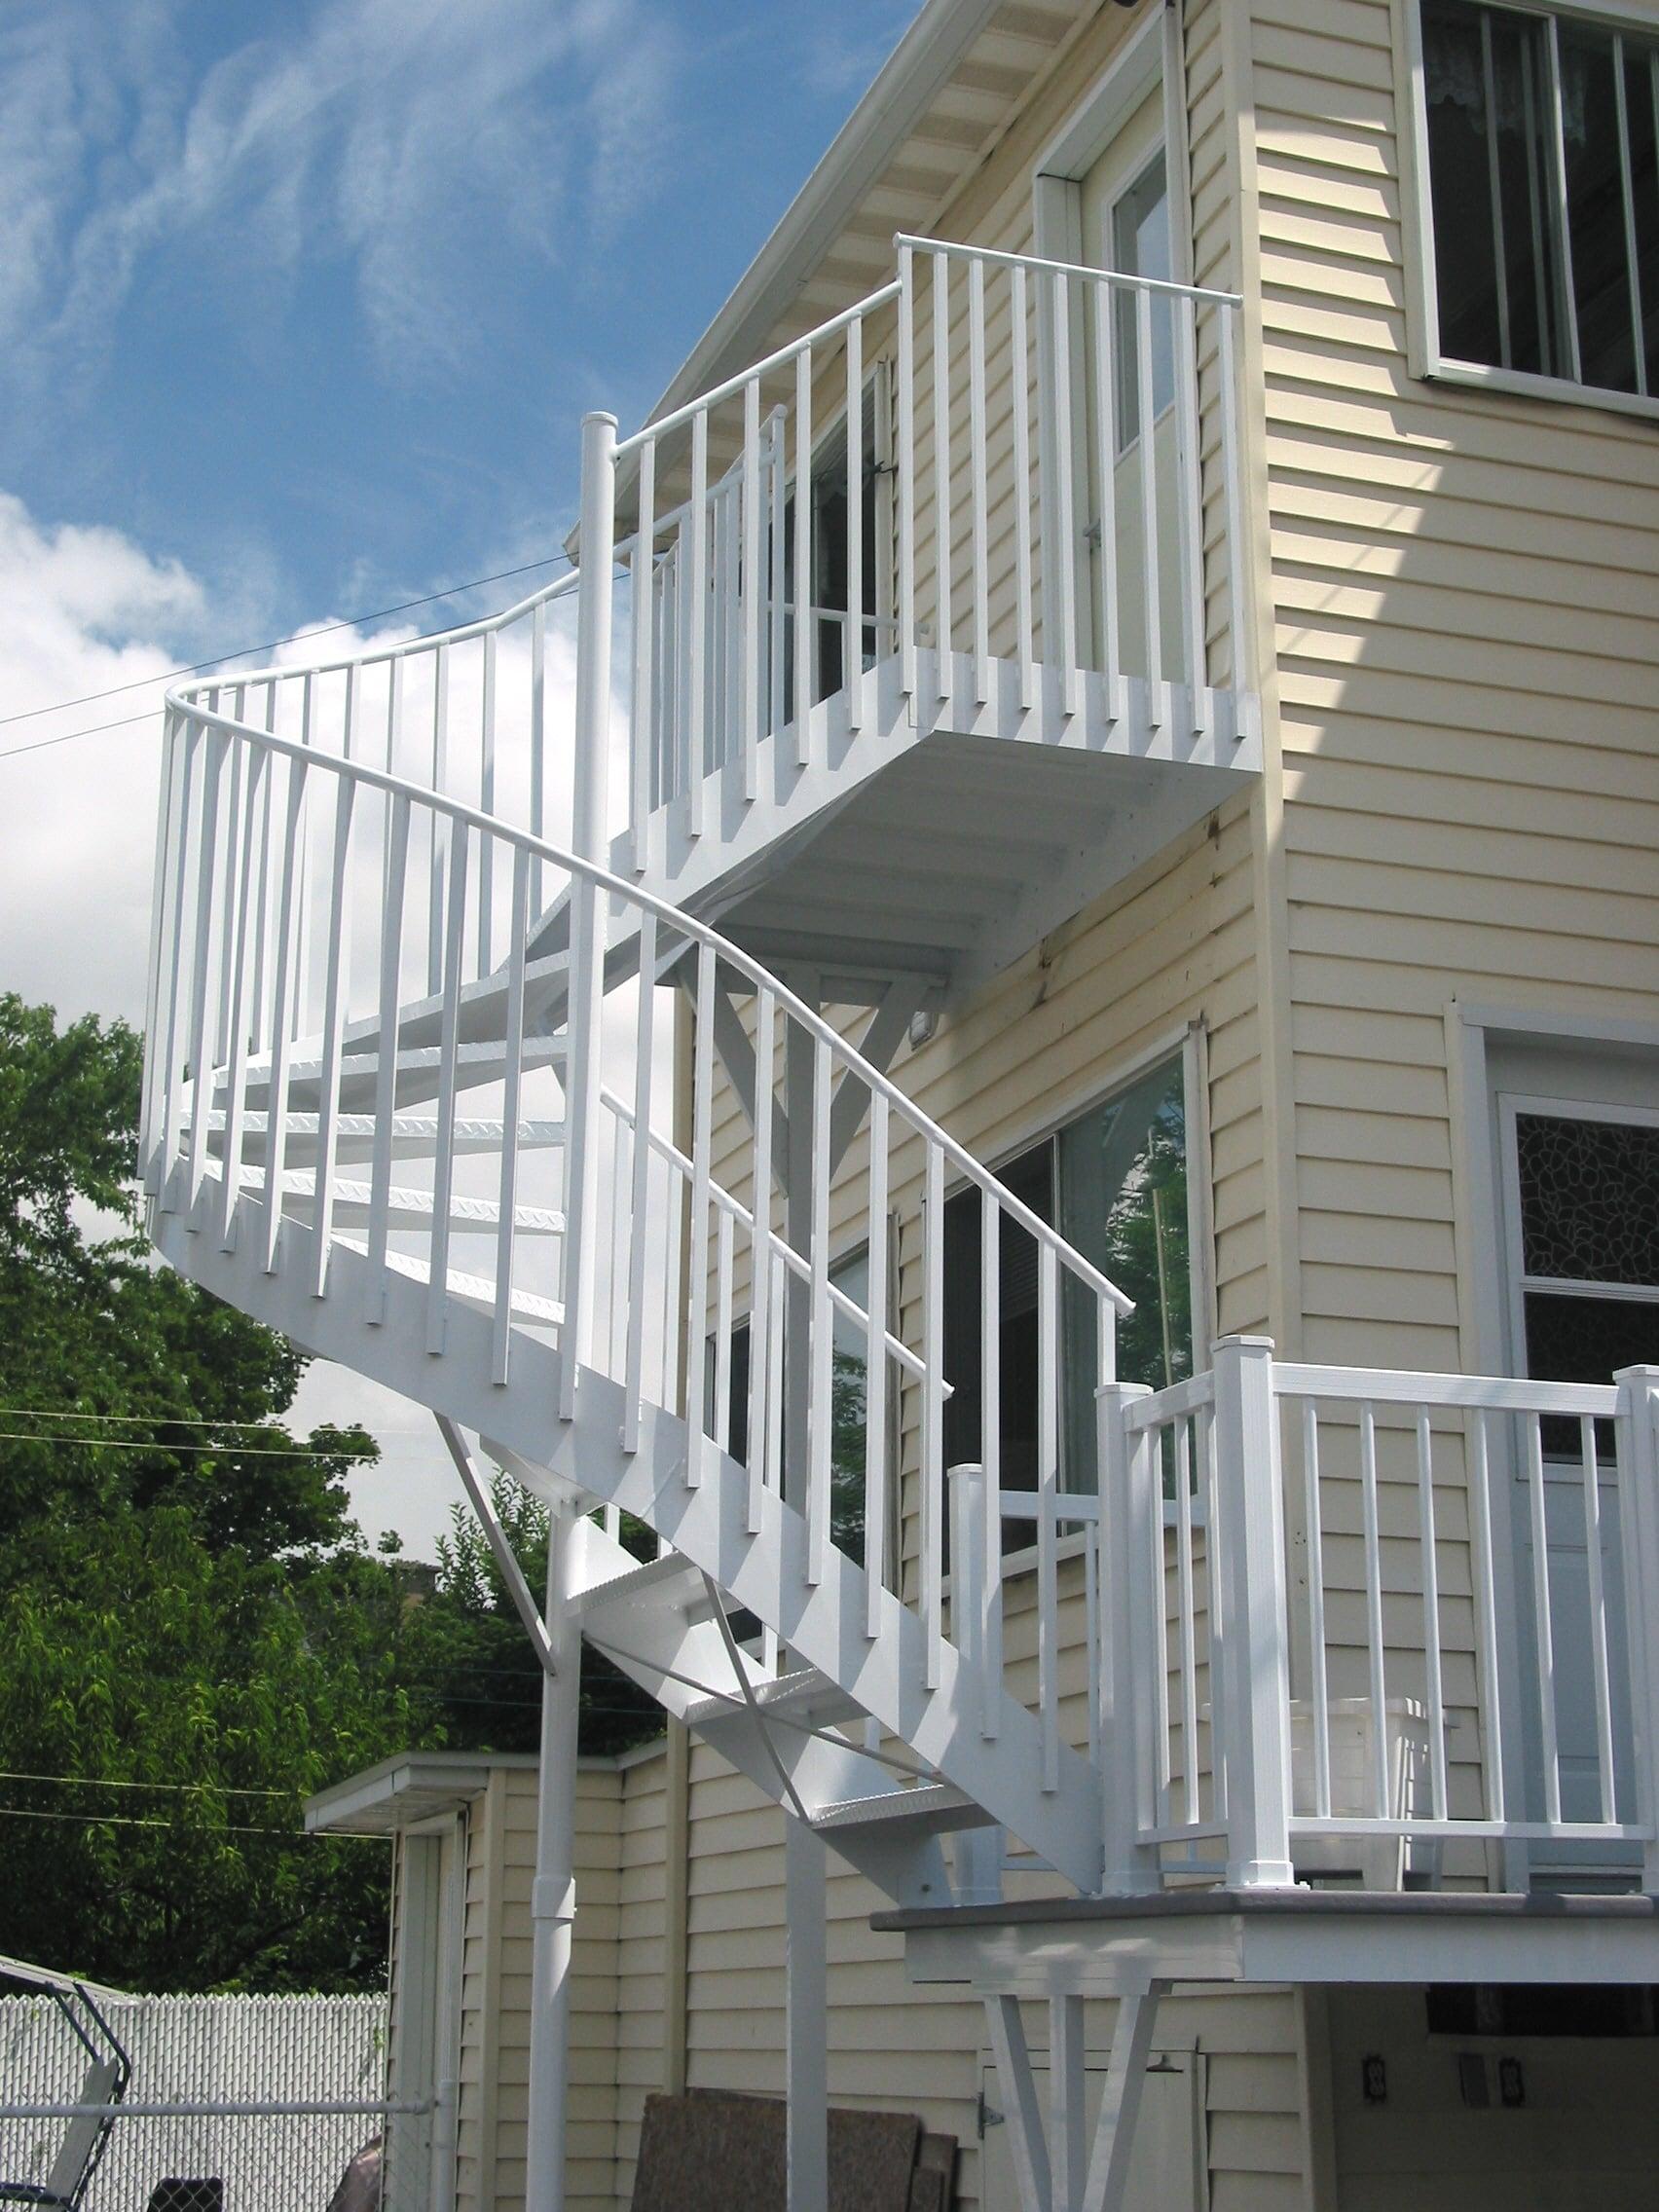 Escada de Alumínio: conheça as vantagens. (Foto:Divulgação)